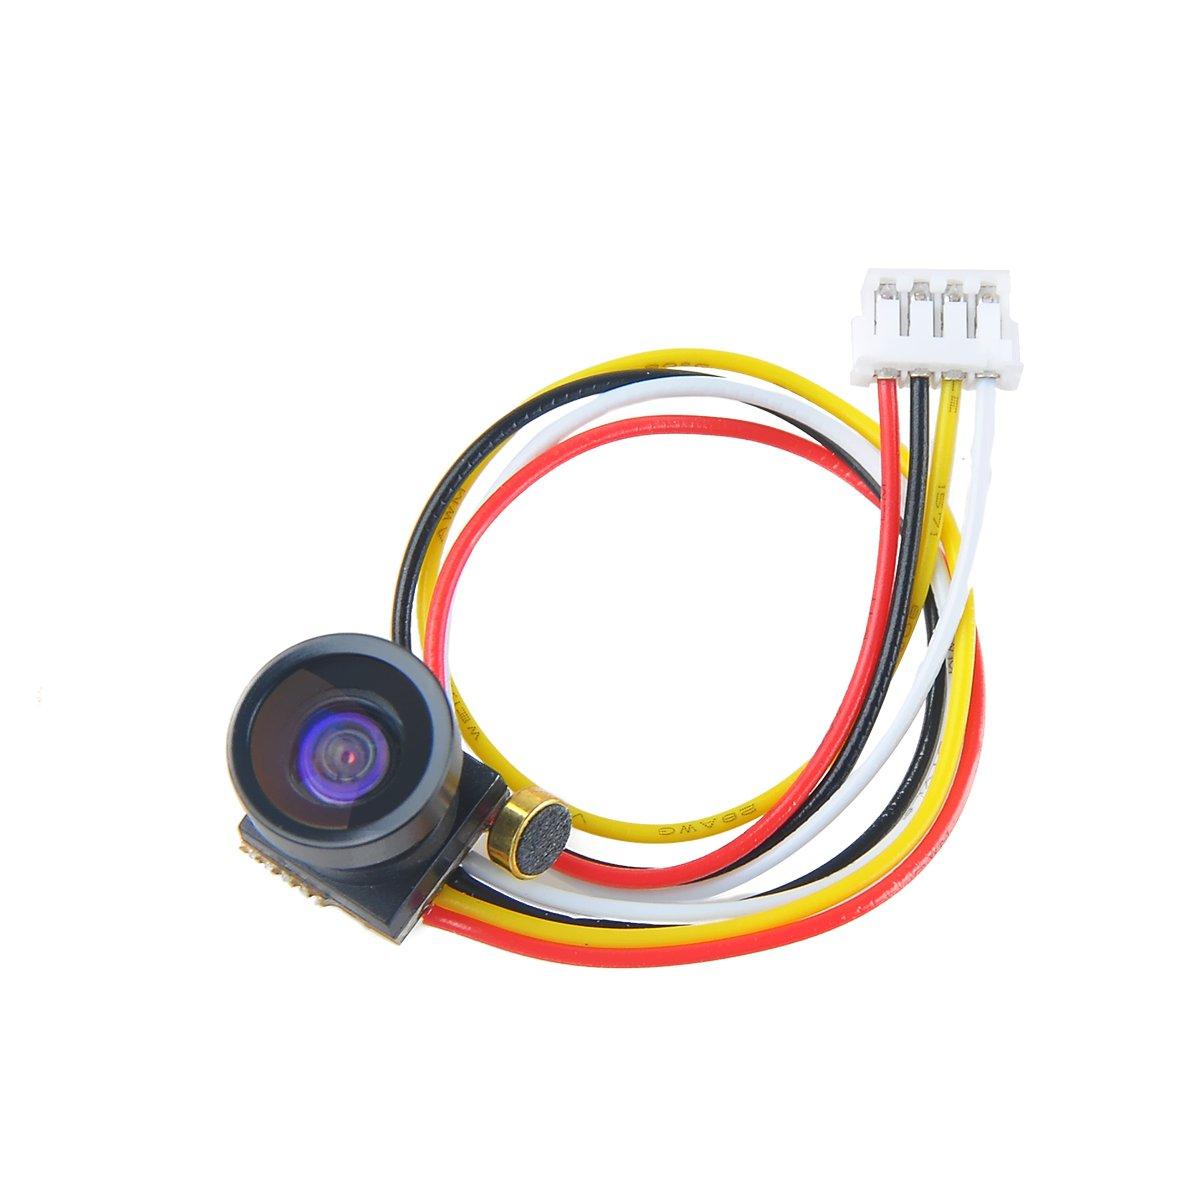 Crazepony FPV Camera 1.2G 1000TVL 1/4 CMOS 2.8mm Lens FOV170 Degree NTSC Mini FPV Camera by Crazepony